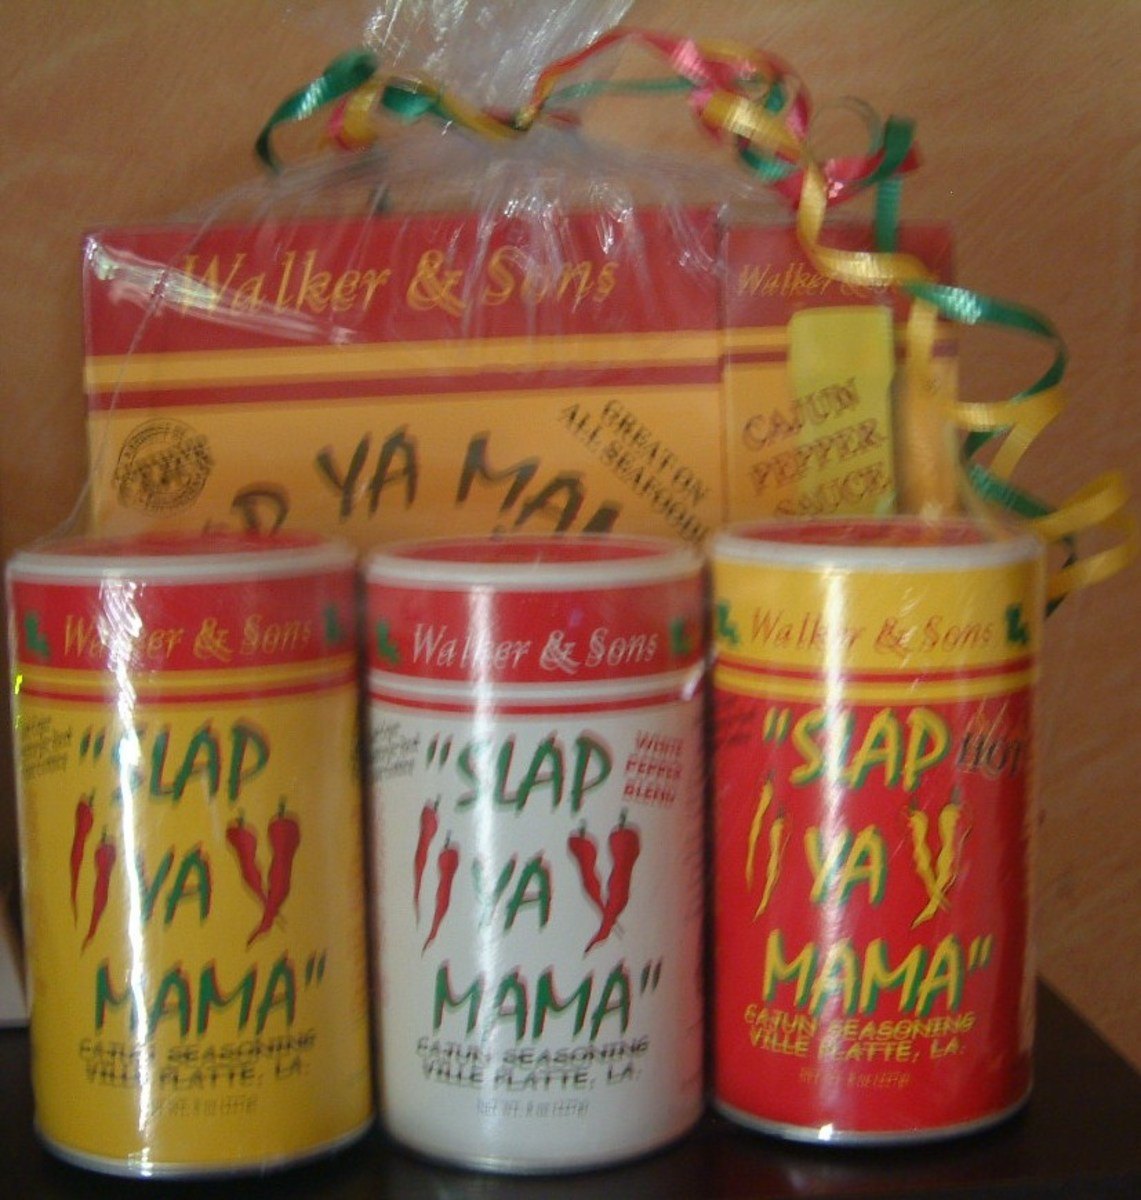 A gift pack of  Slap Ya Mama Cajun fish Fry, Cajun Pepper Sauce, Cajun Seasoning, White Pepper Blend and Hot